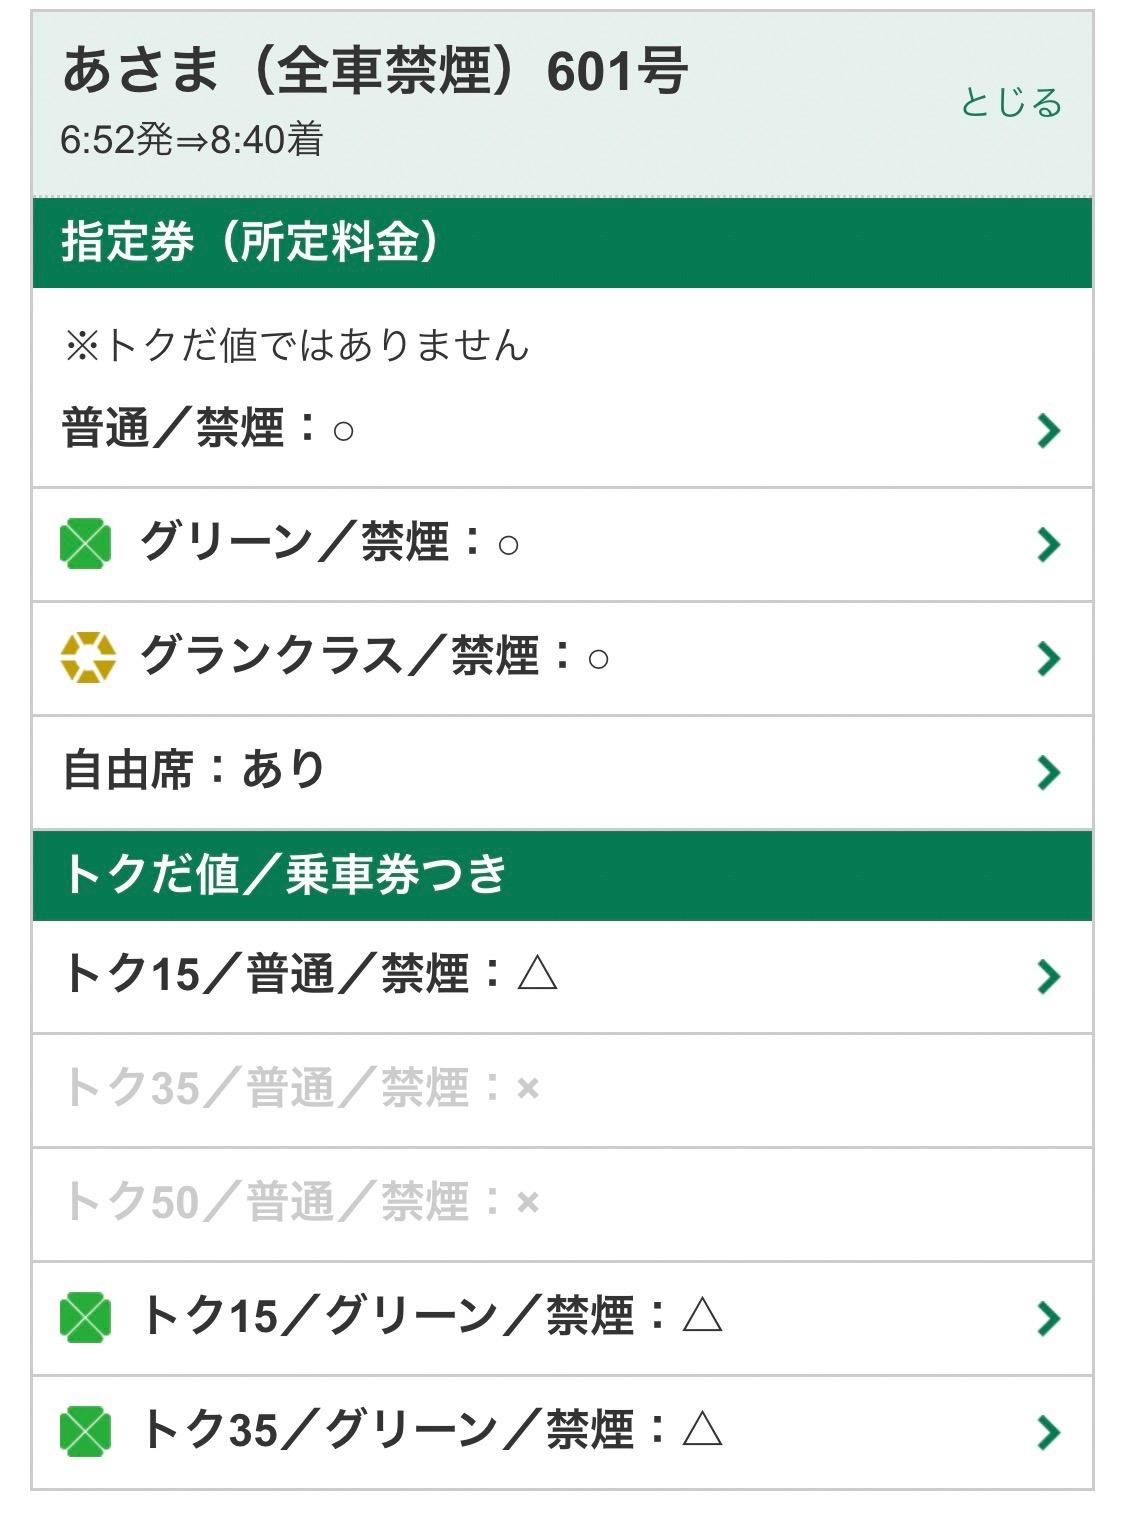 長野旅行北陸新幹線割引